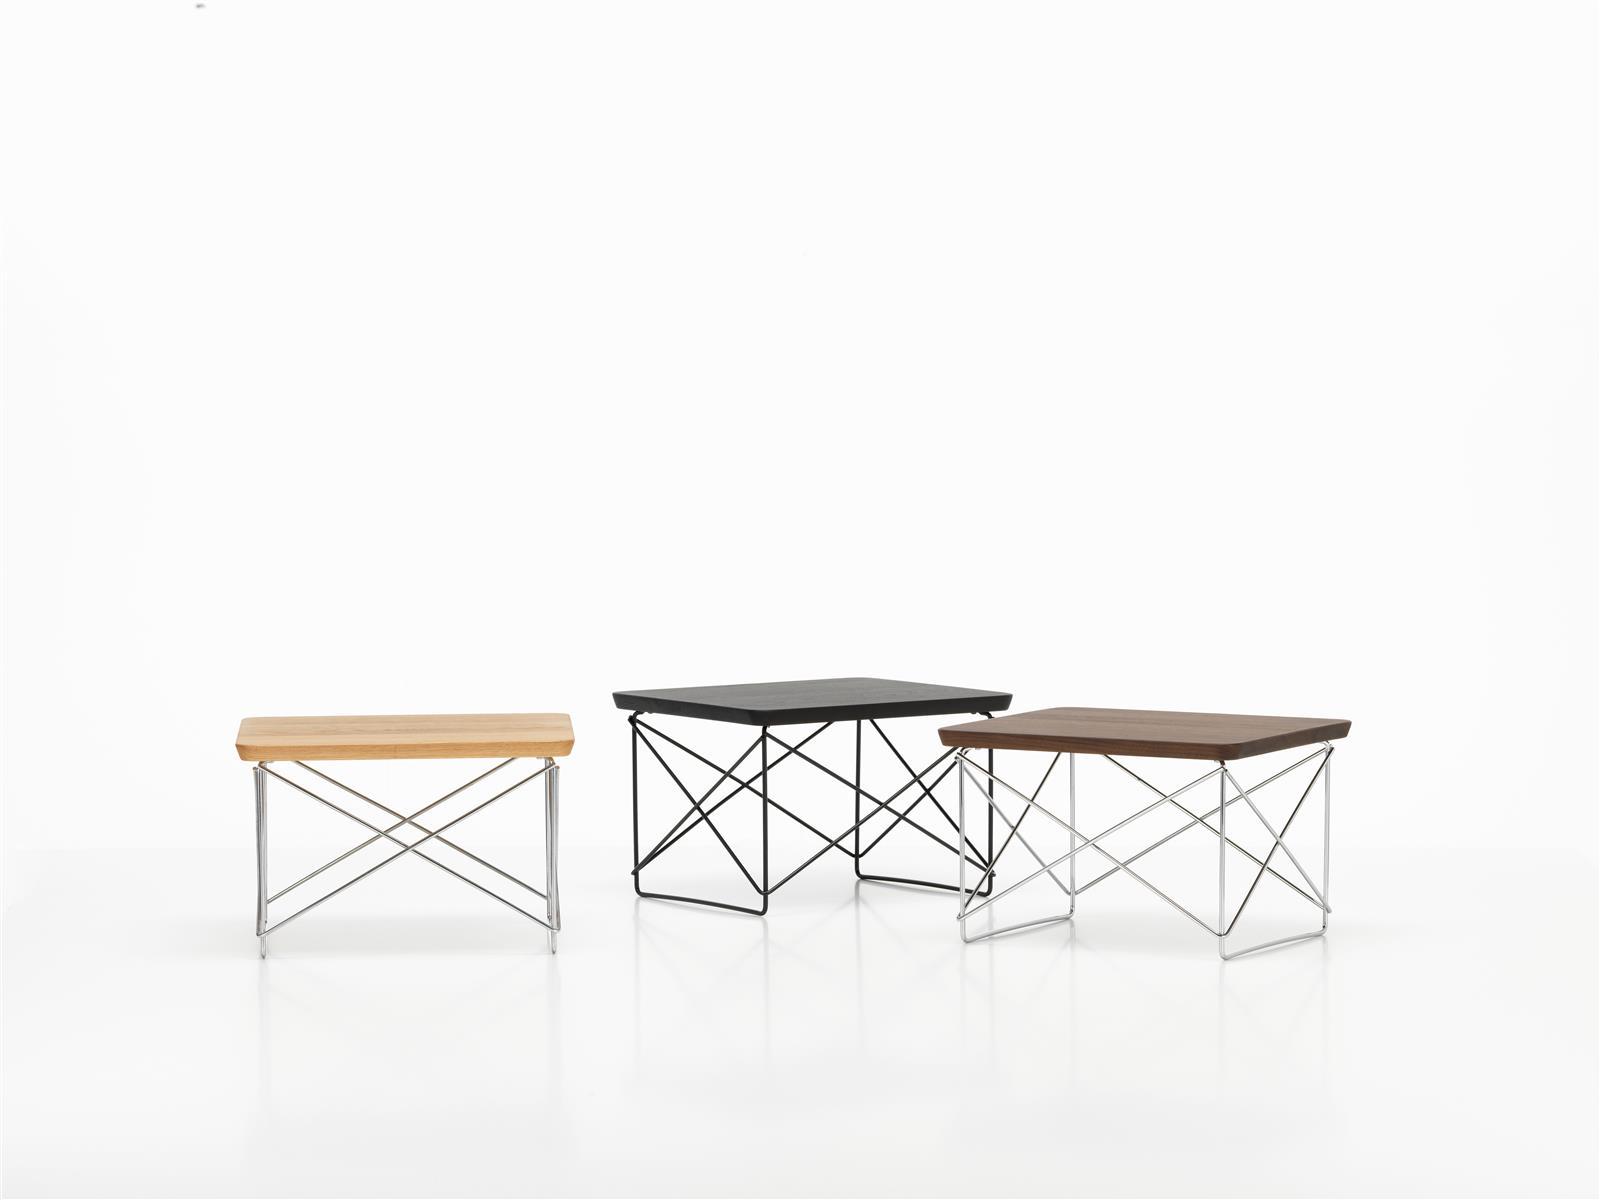 beistelltisch occasional table ltr eiche von vitra. Black Bedroom Furniture Sets. Home Design Ideas